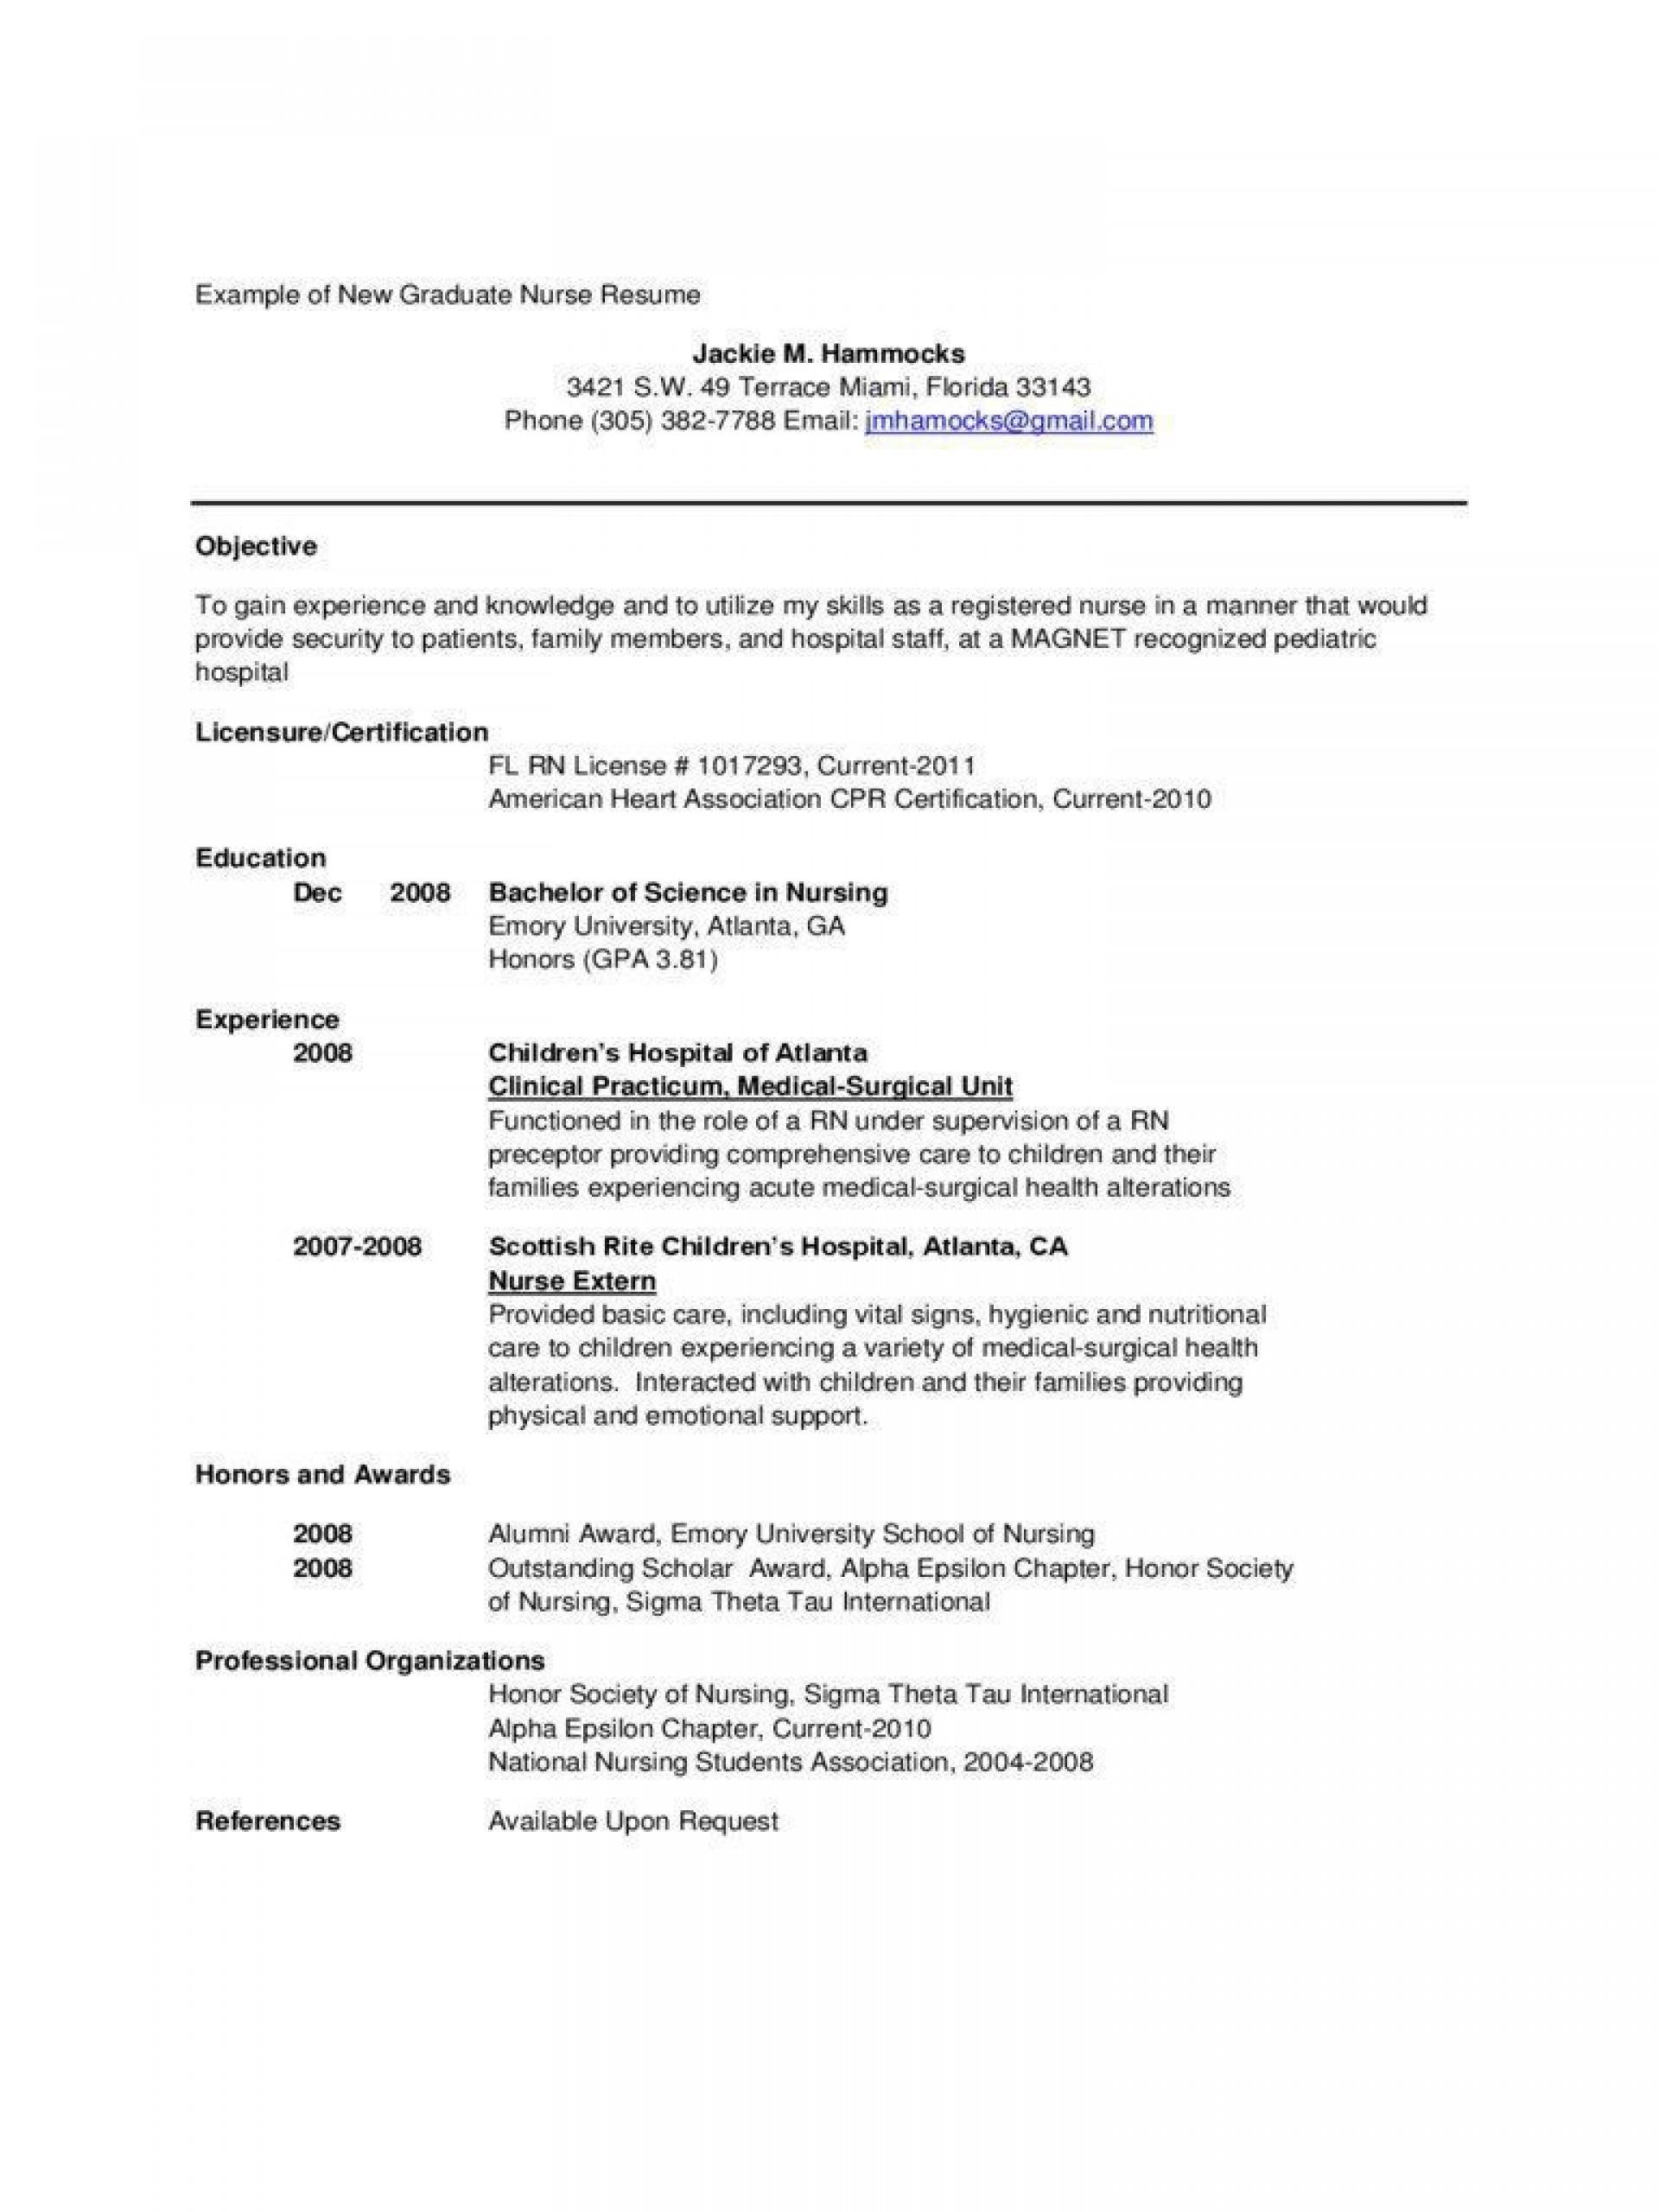 002 Amazing Rn Graduate Resume Template Idea  New Grad Nurse1920